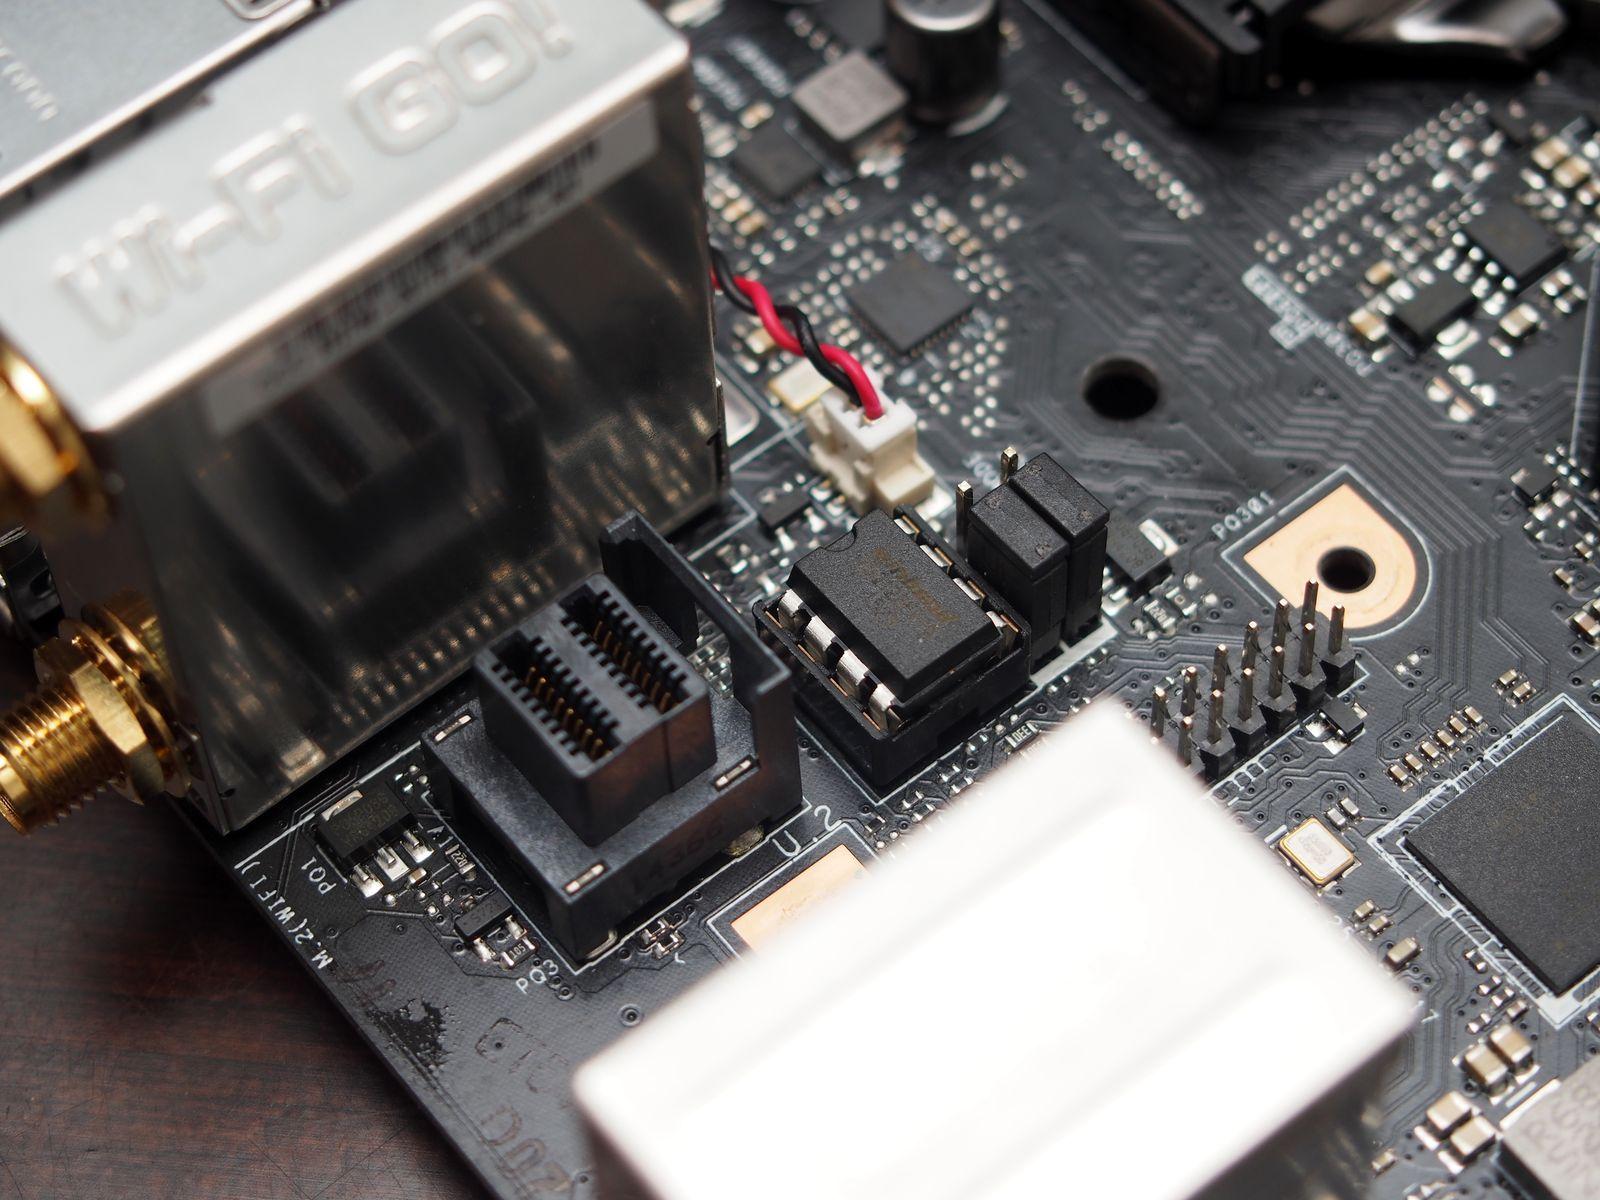 短小精悍 mini-ITX 主機板 - ASUS MAXIMUS VIII IMPACT - 主機板 - 電腦討論區 - Mobile01